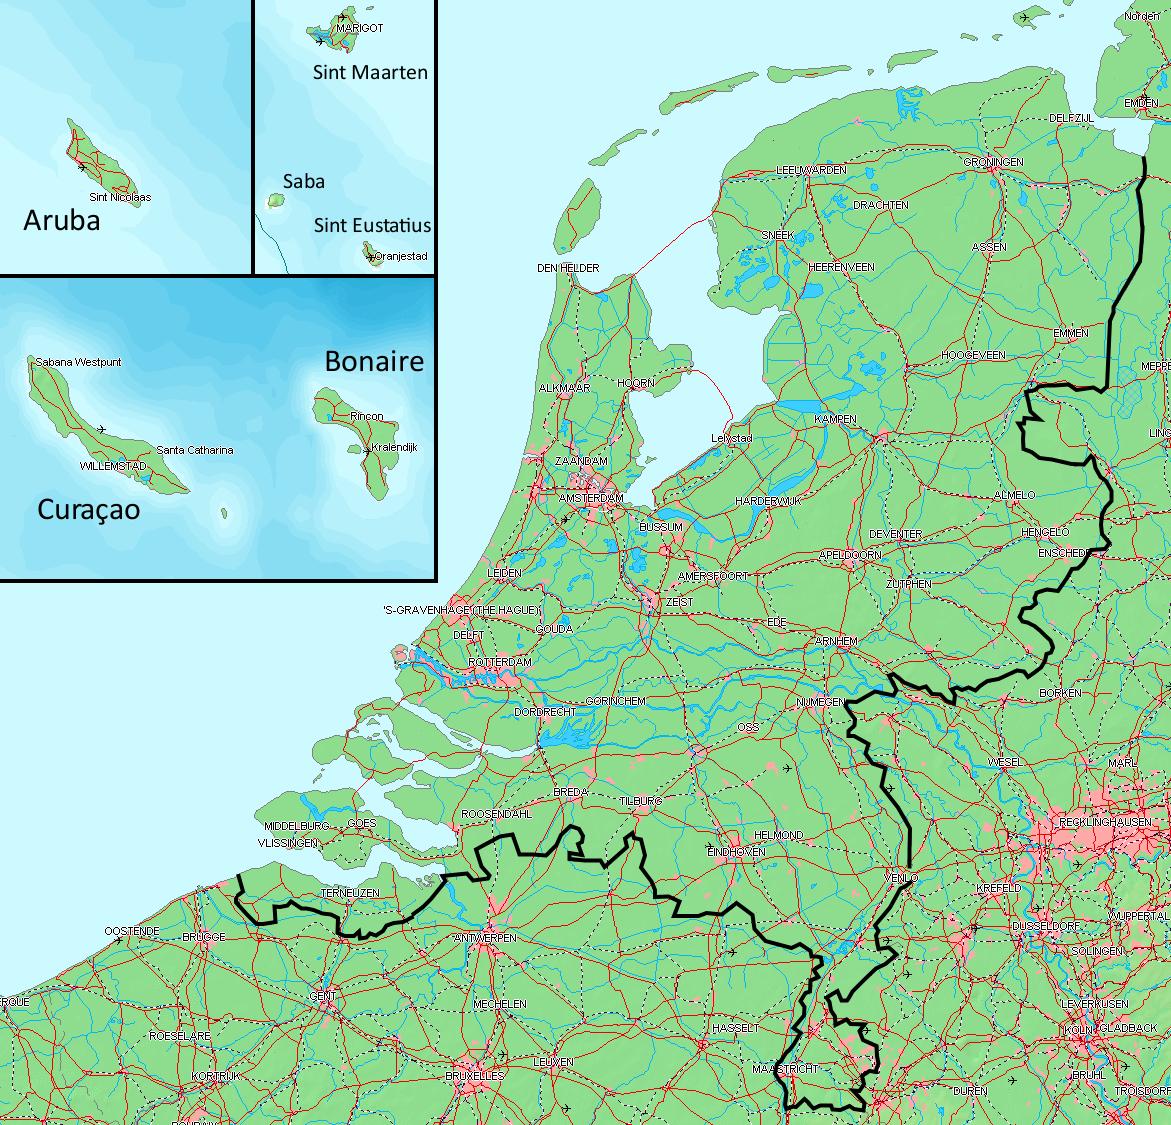 Karte Von Holland Landkarte Niederlande.Landkarte Niederlande übersichtskarte Weltkarte Com Karten Und